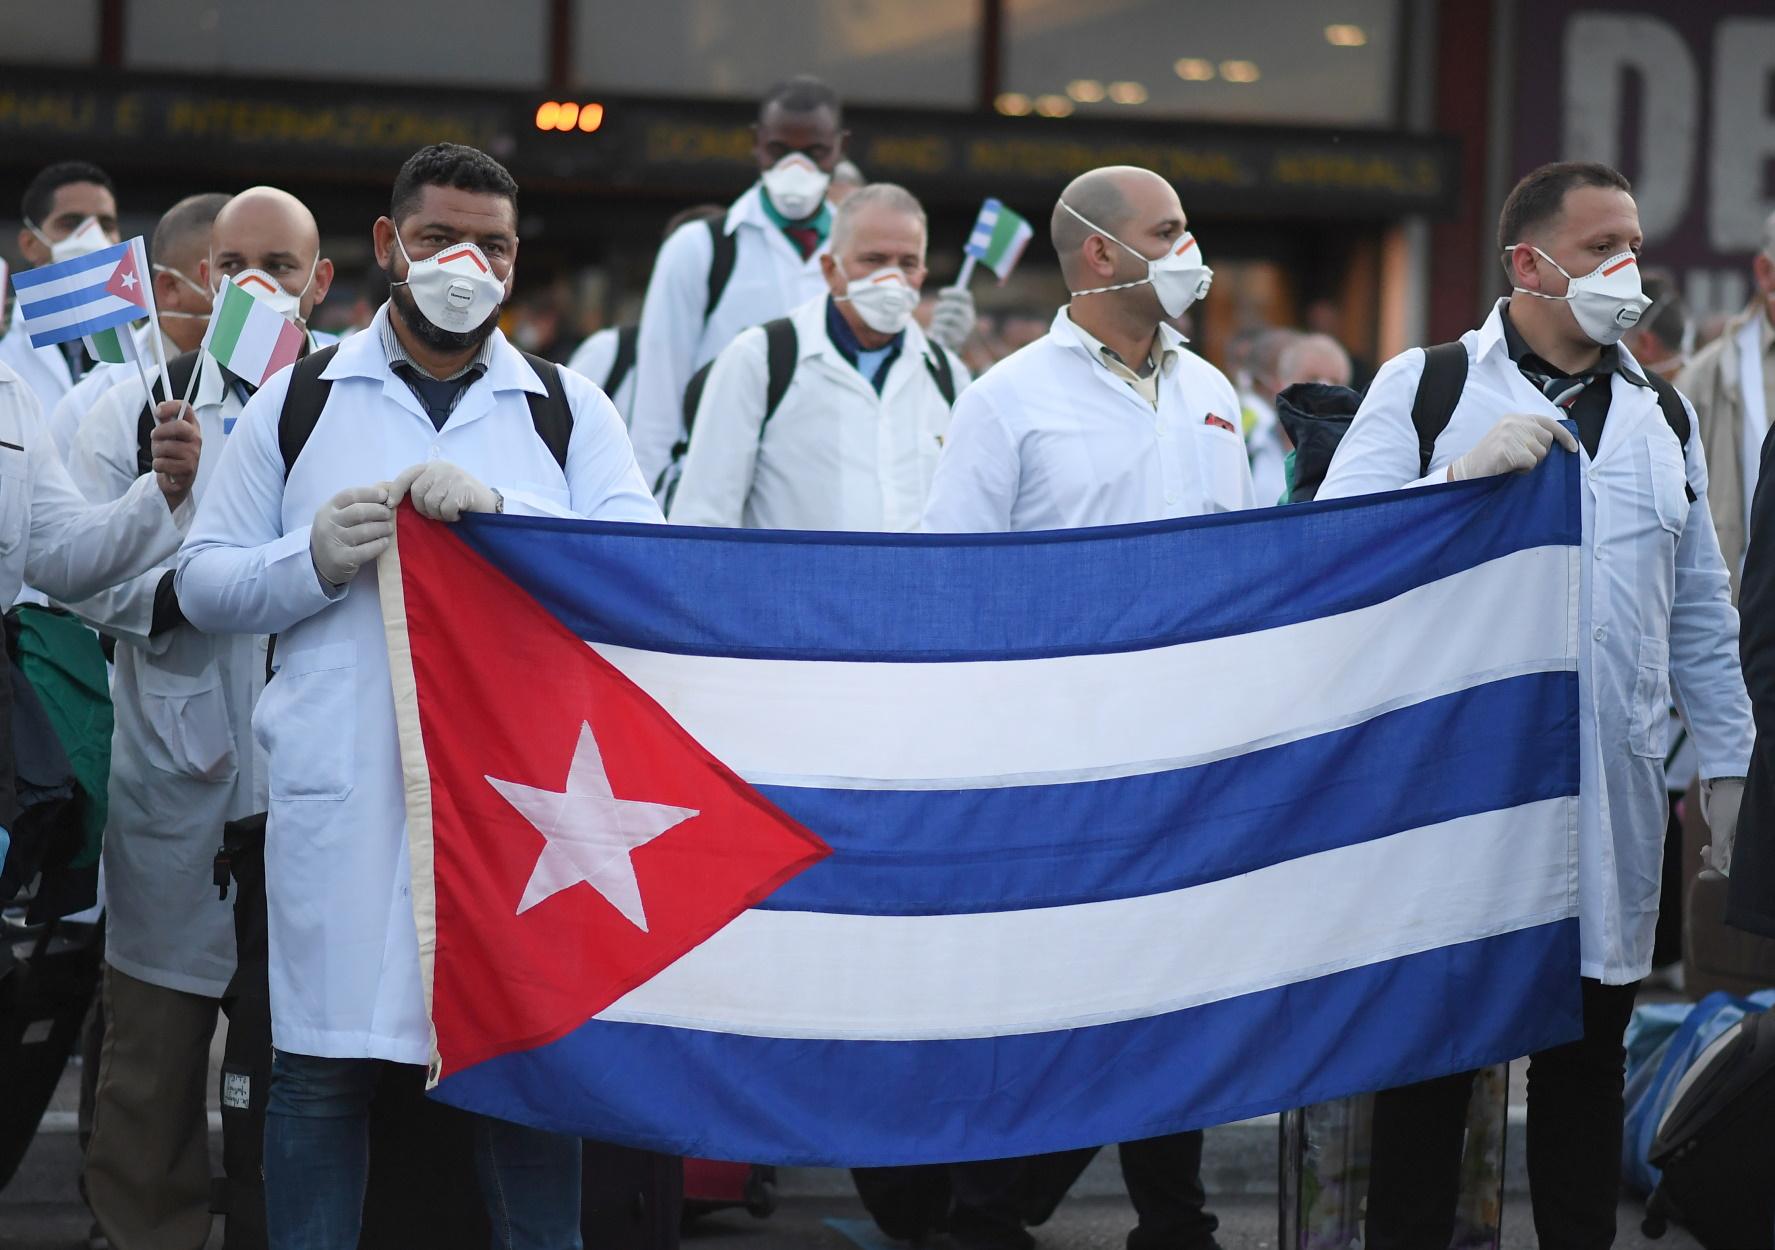 Κούβα: Εμβολιάζει παιδιά άνω των 2 ετών κατά του κορονοϊού